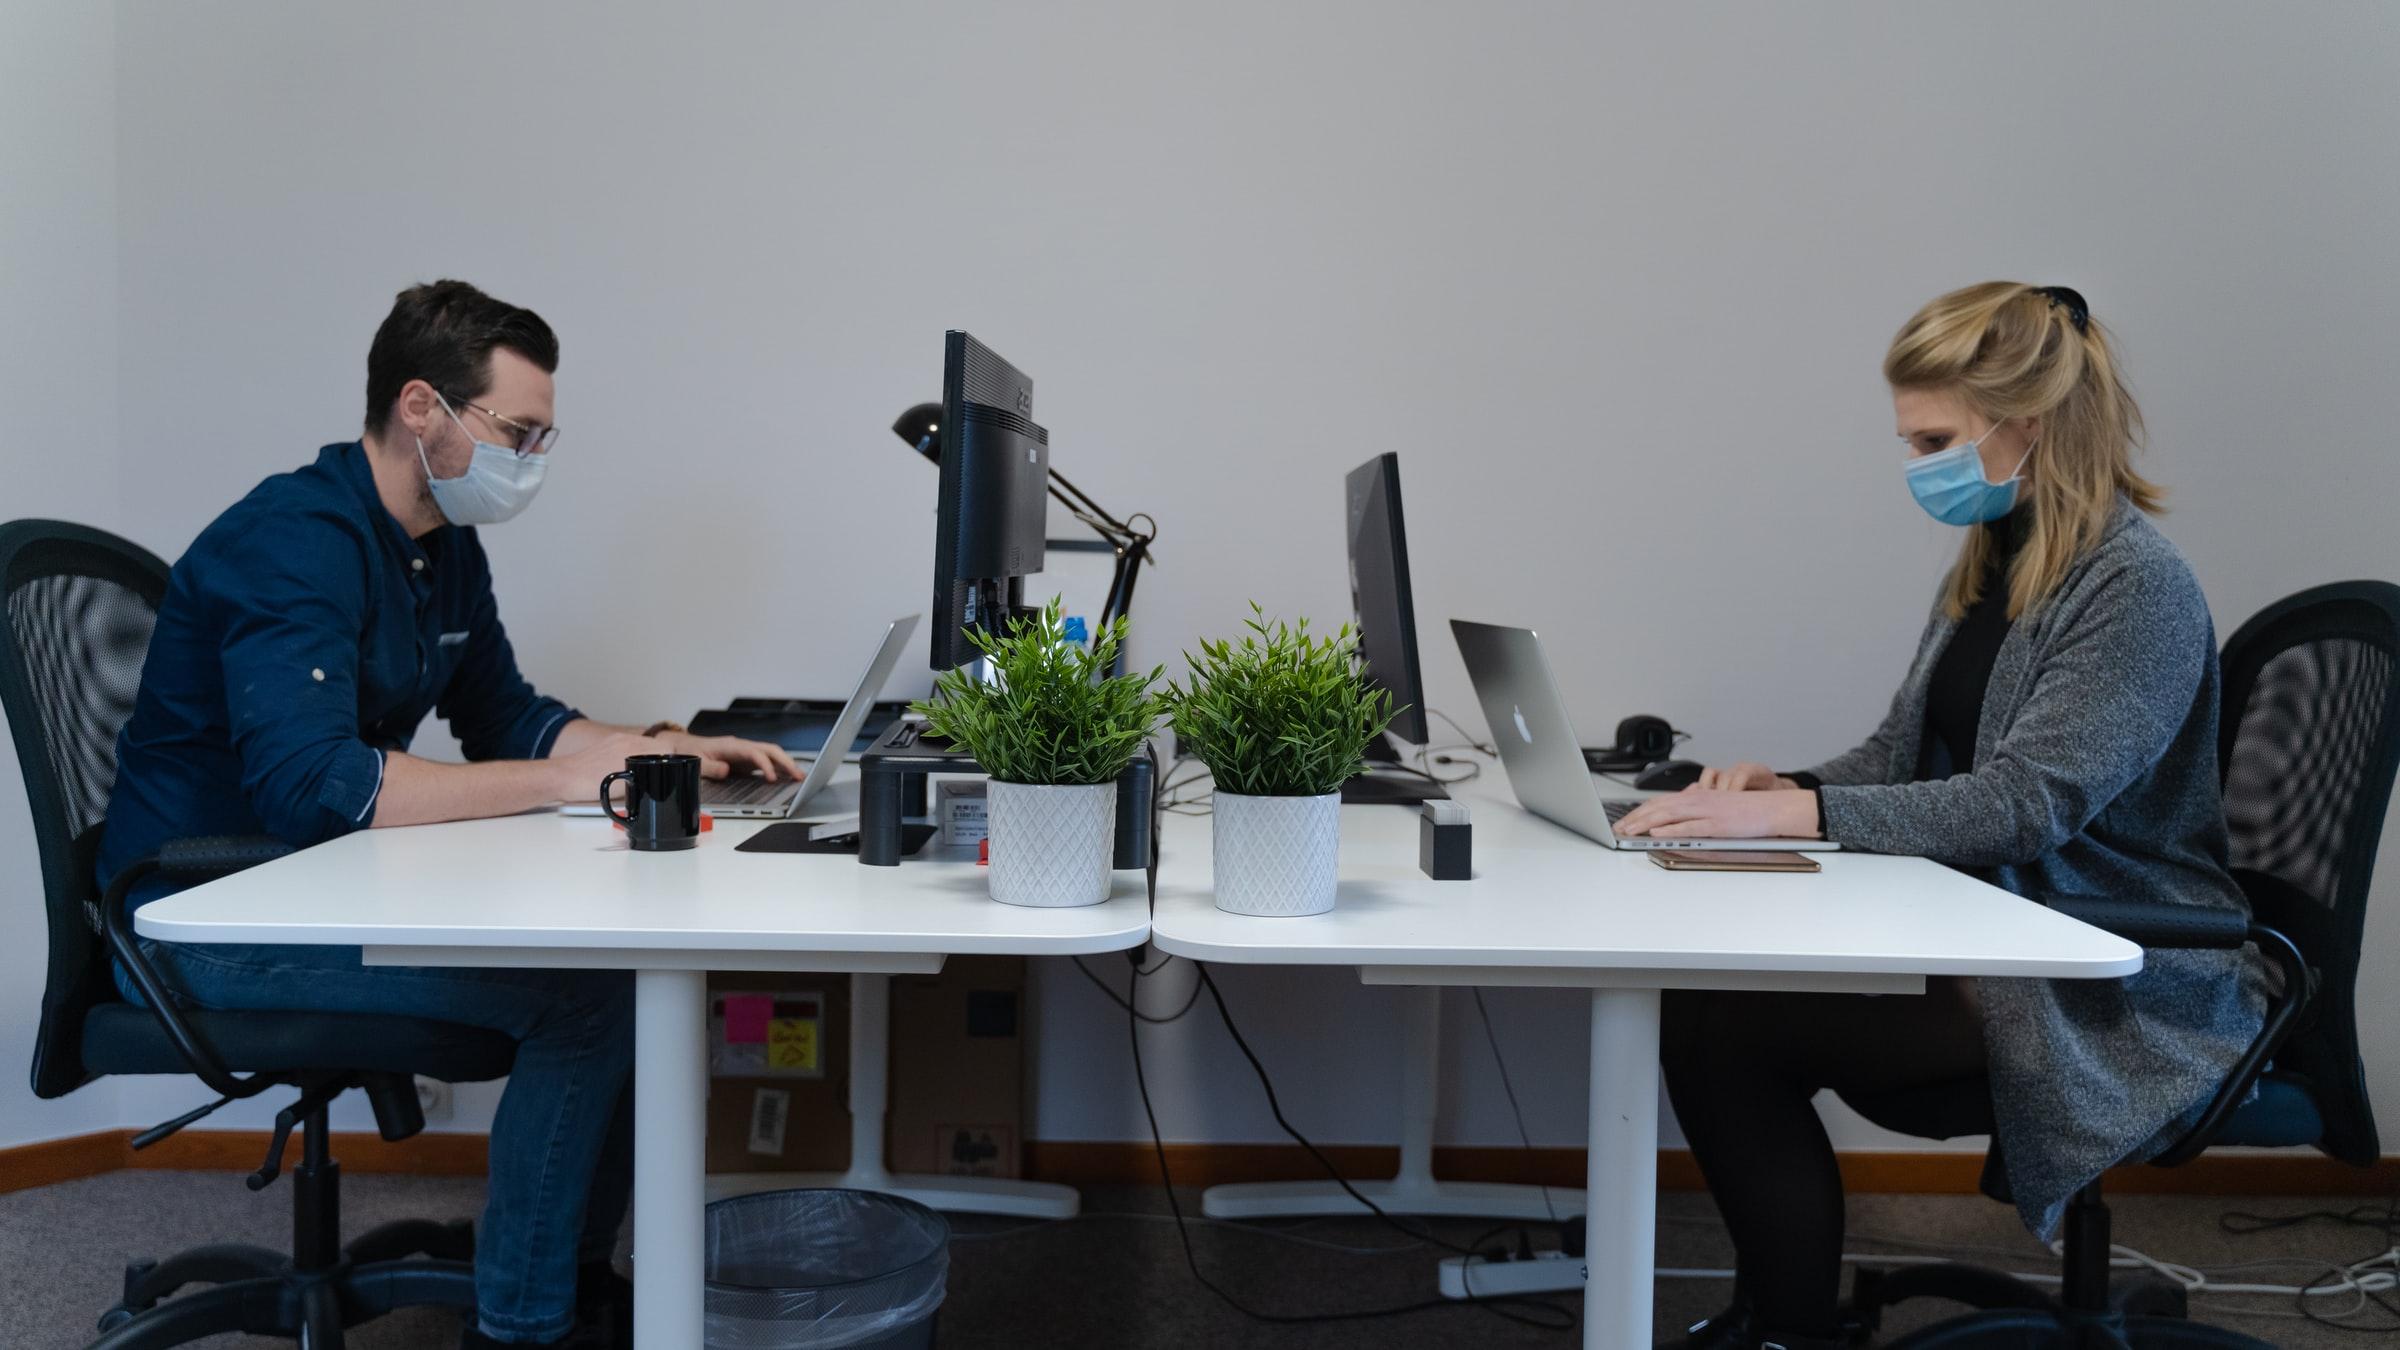 Adieu Büro: Mit unseren Remote Work Tipps läuft es im Homeoffice besser als in der Präsenzarbeit!